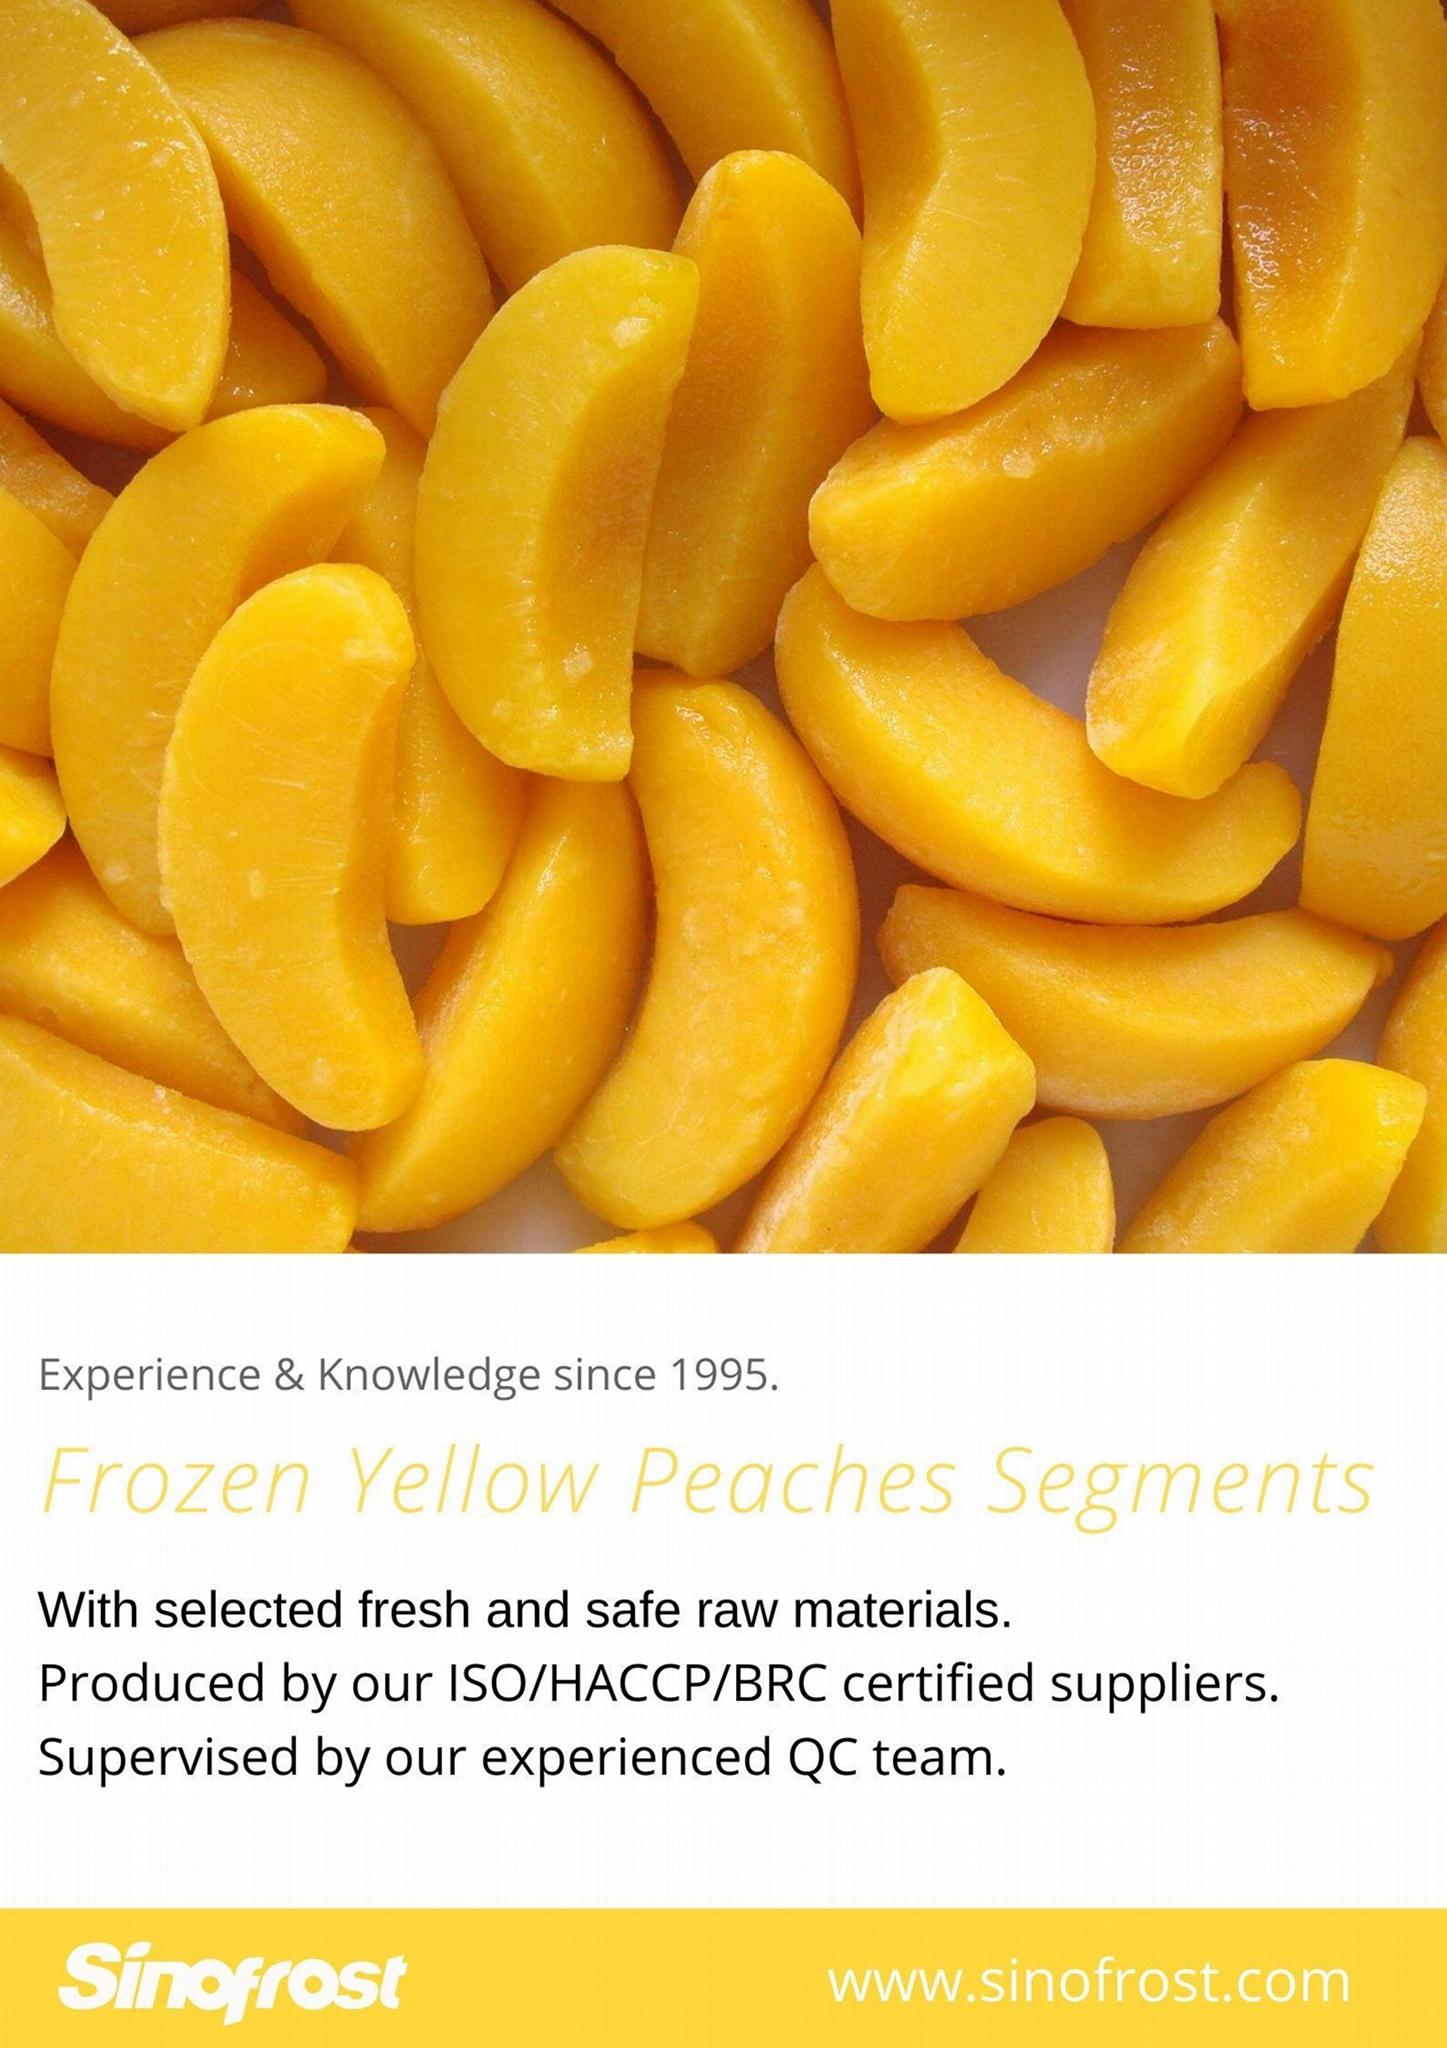 冷凍黃桃,速凍黃桃 2